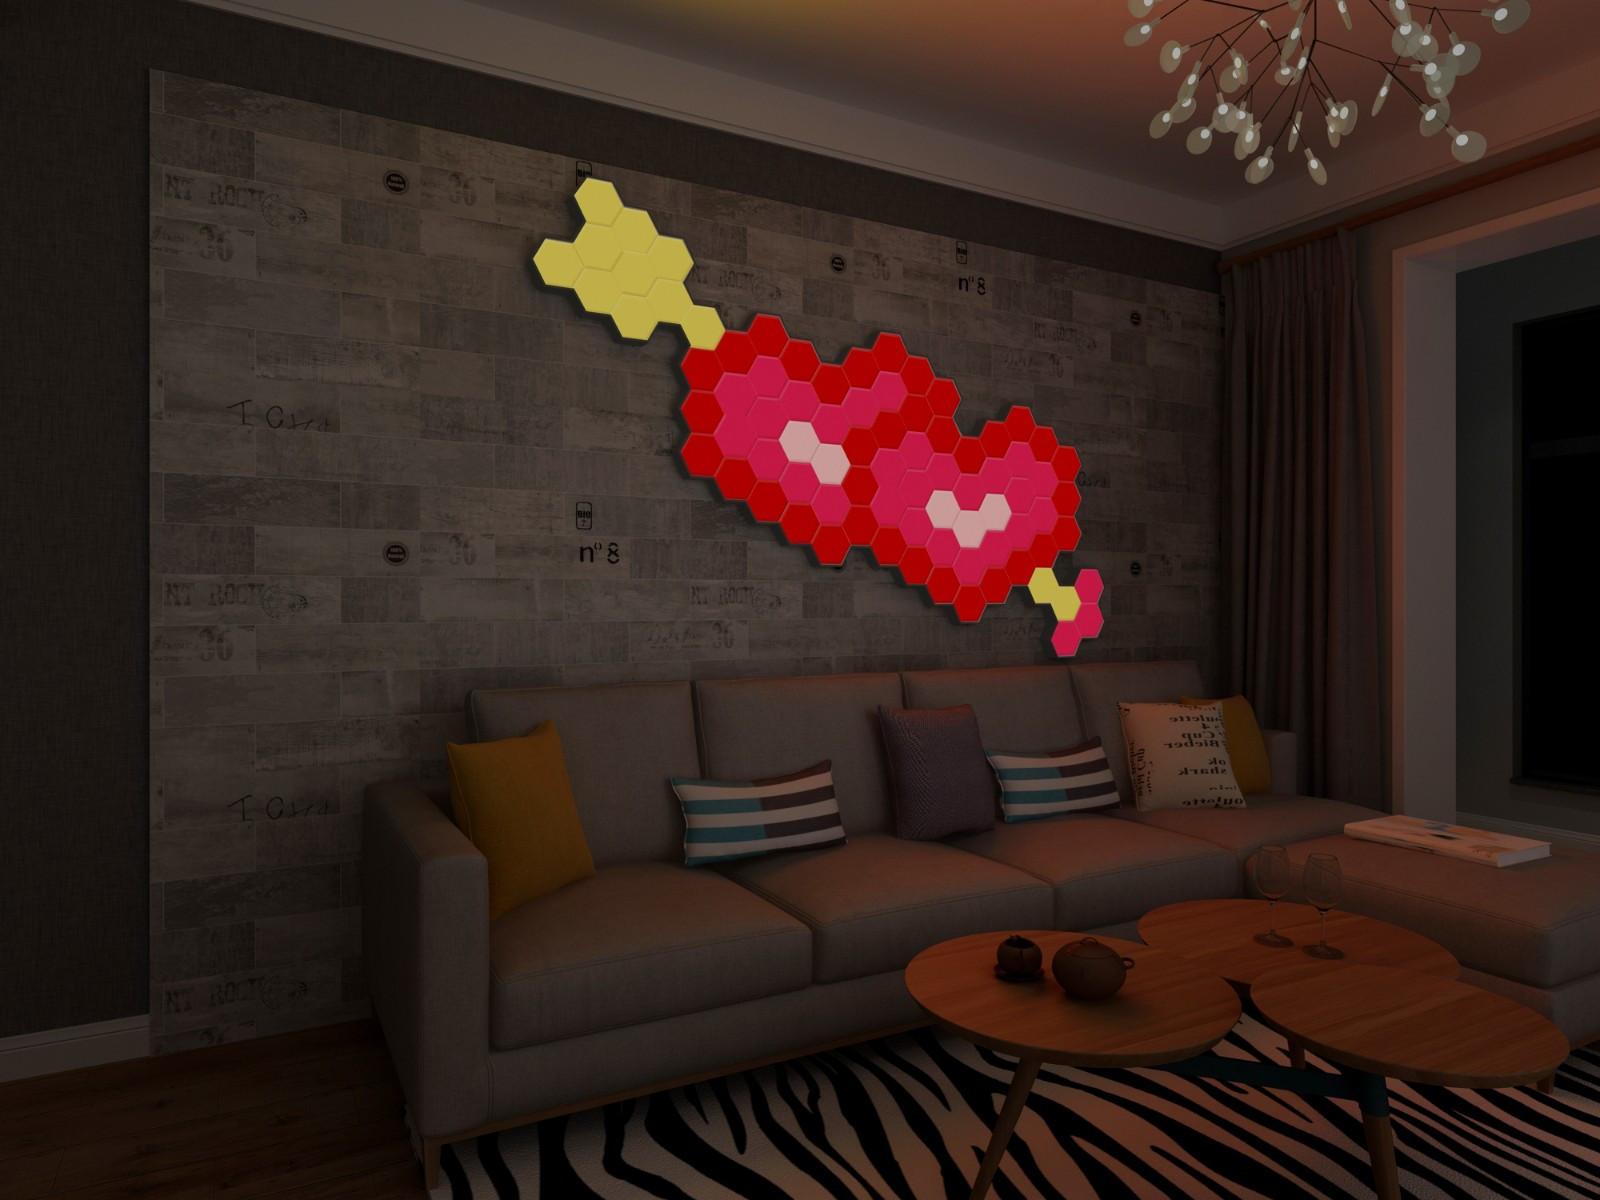 水立方蜂巢拼接壁灯:将水立方民用化,智能化,多功能化